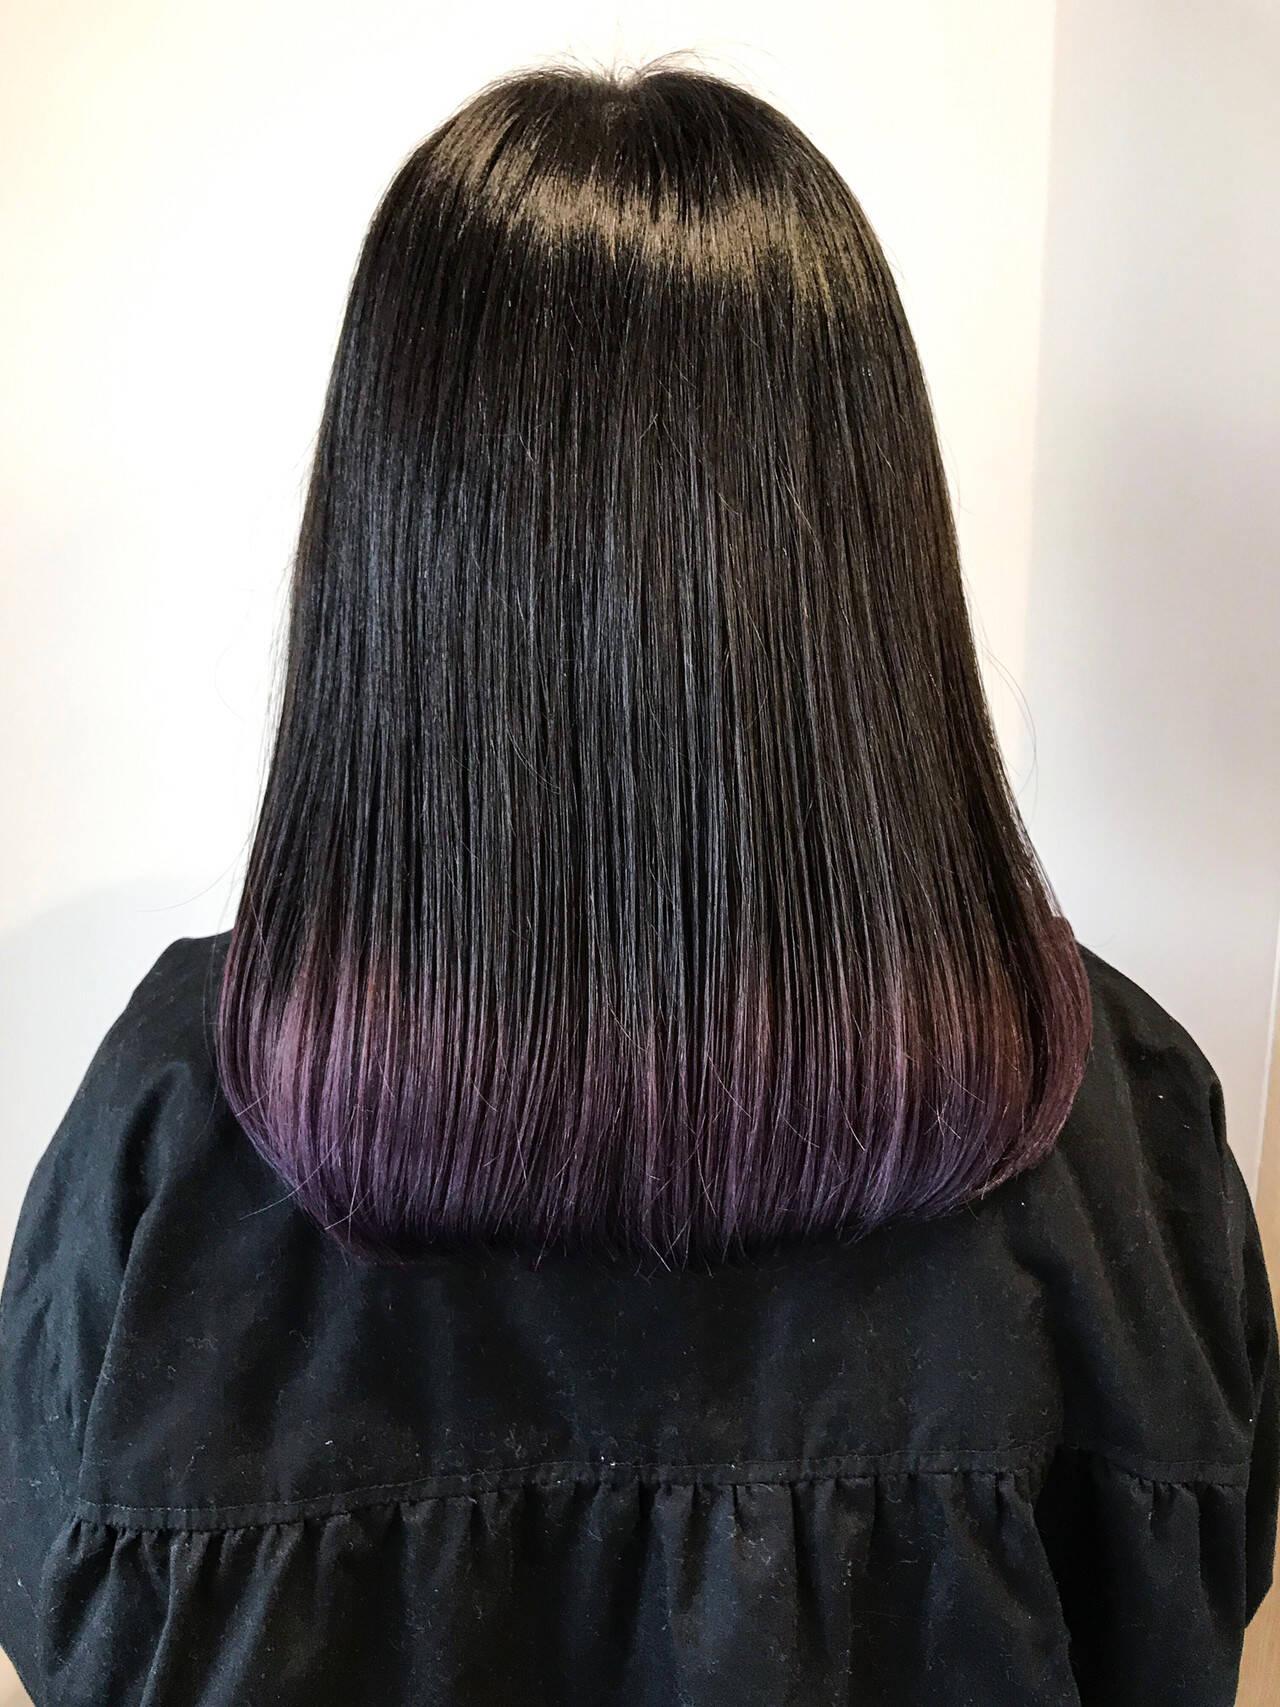 ラベンダー パープルカラー ラベンダーカラー セミロングヘアスタイルや髪型の写真・画像